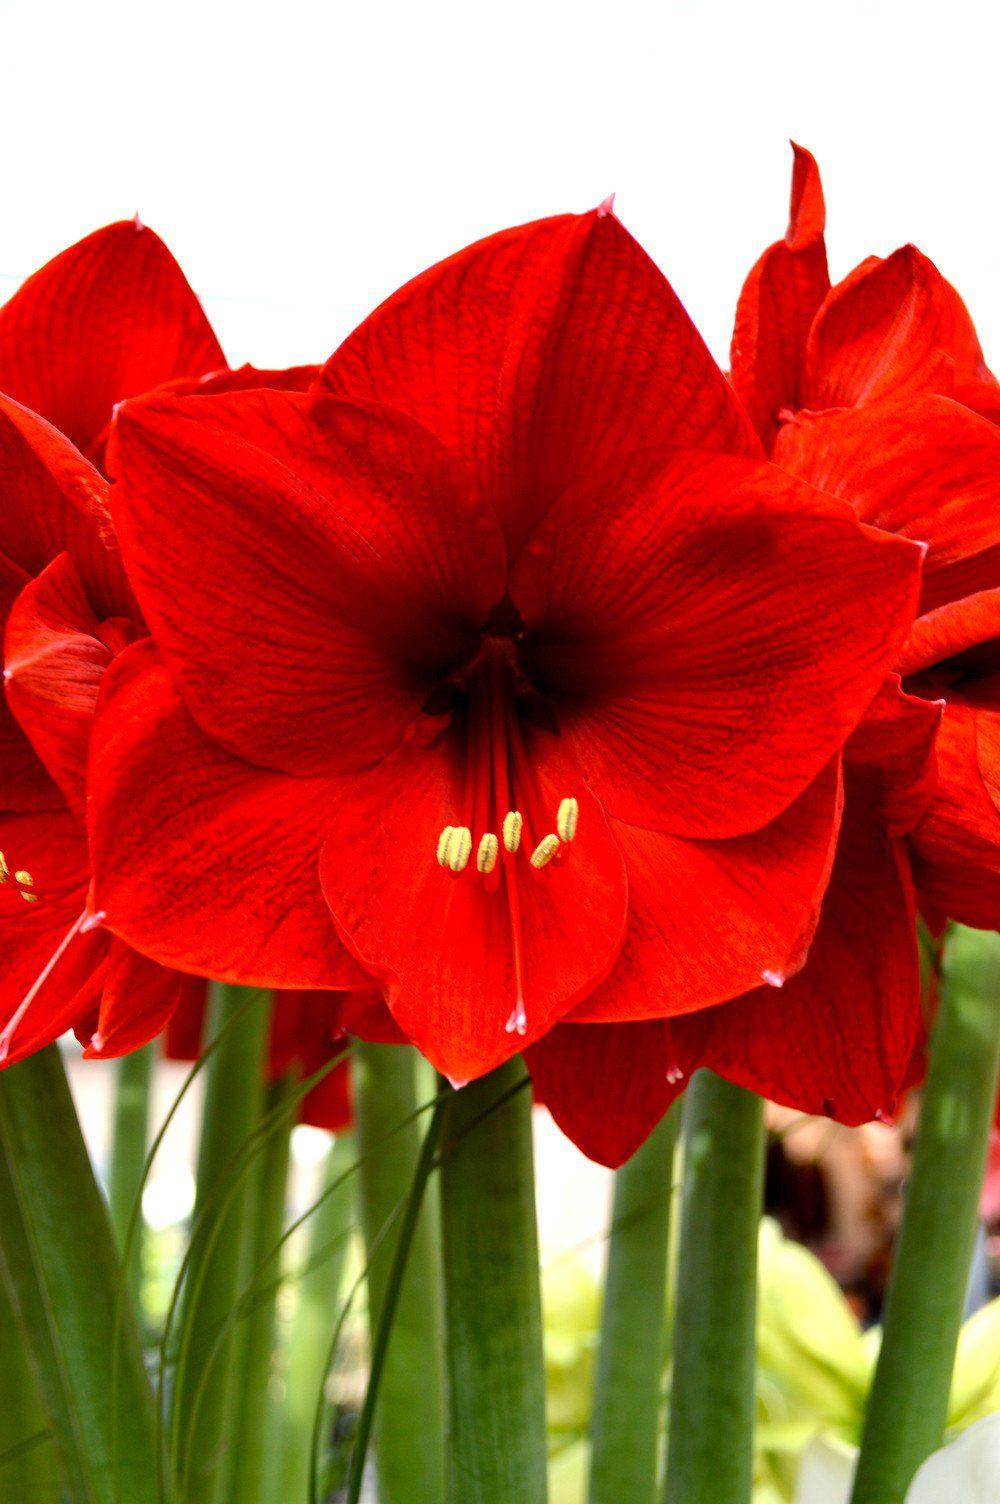 Jumbo Amaryllis Red Lion Amaryllis Flowers Photography Next Flowers